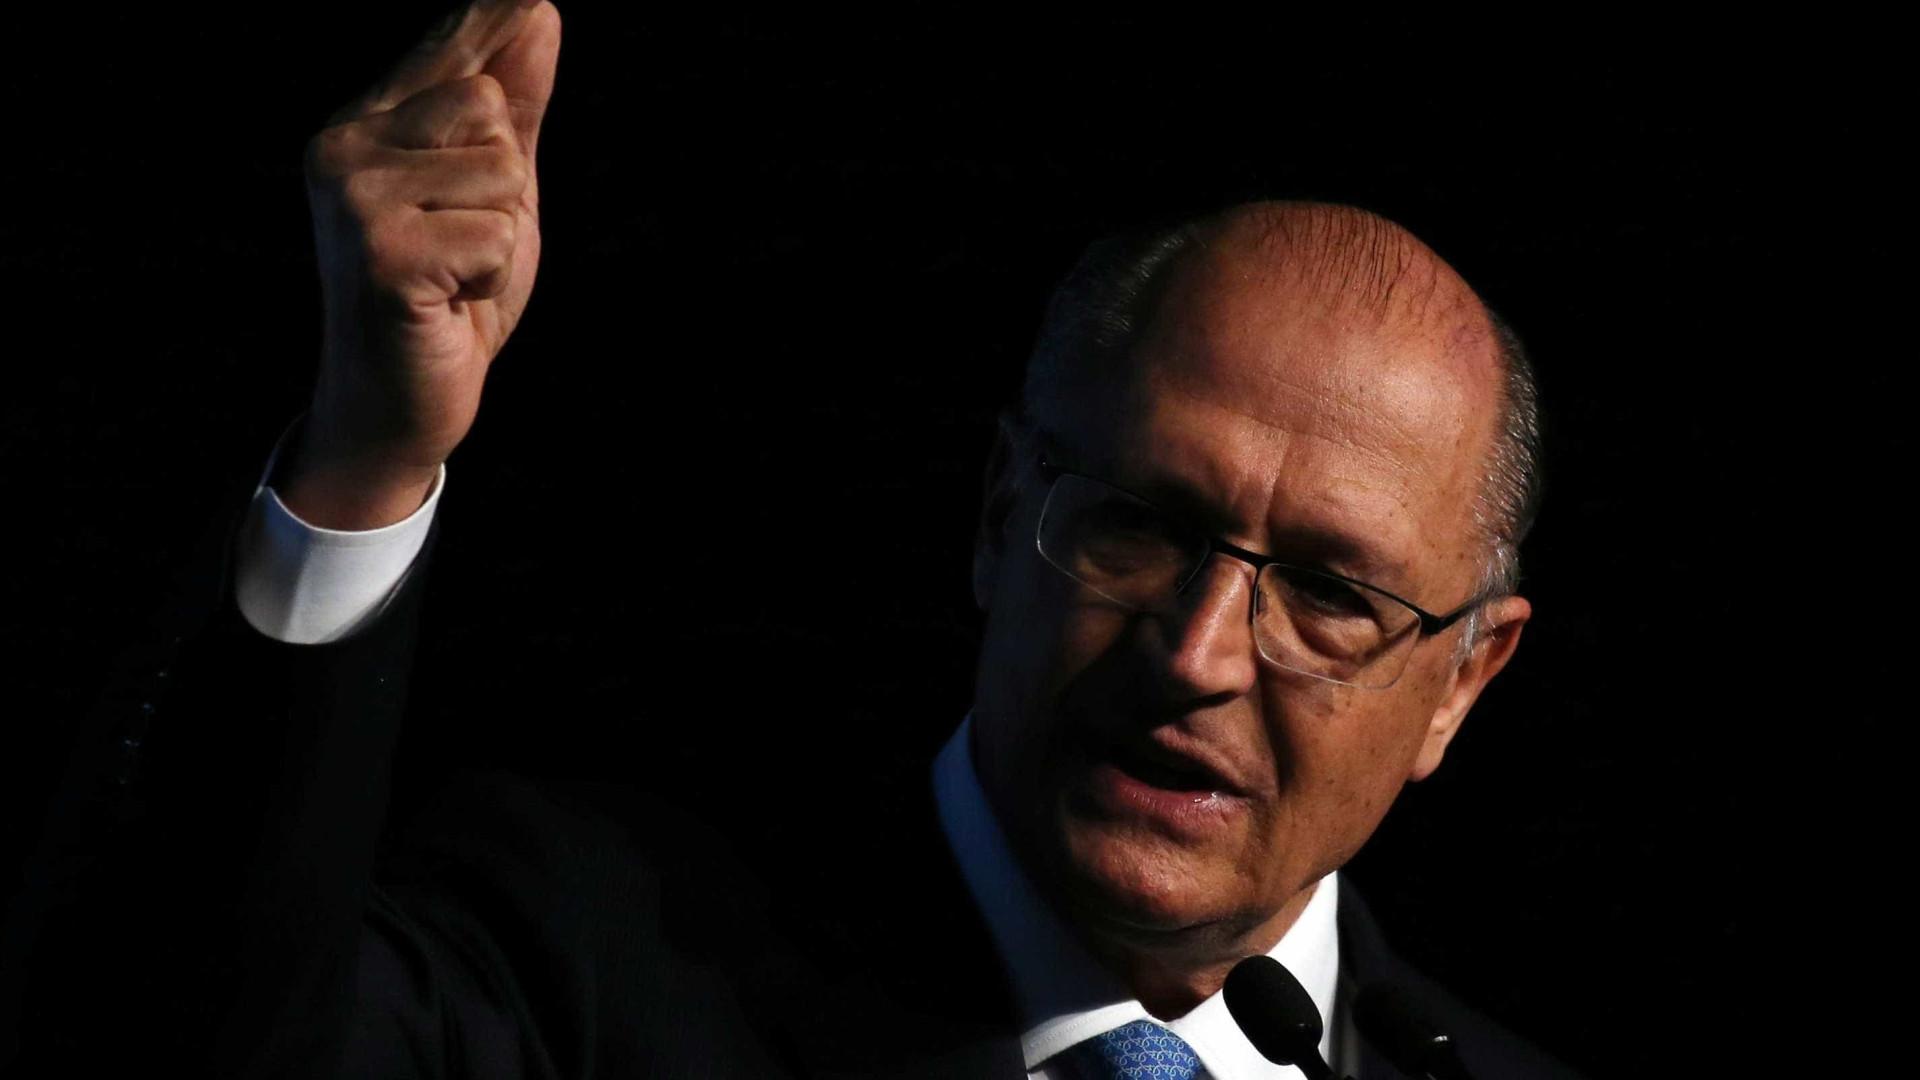 Com base em Datafolha, Alckmin reforça discurso anti-PT